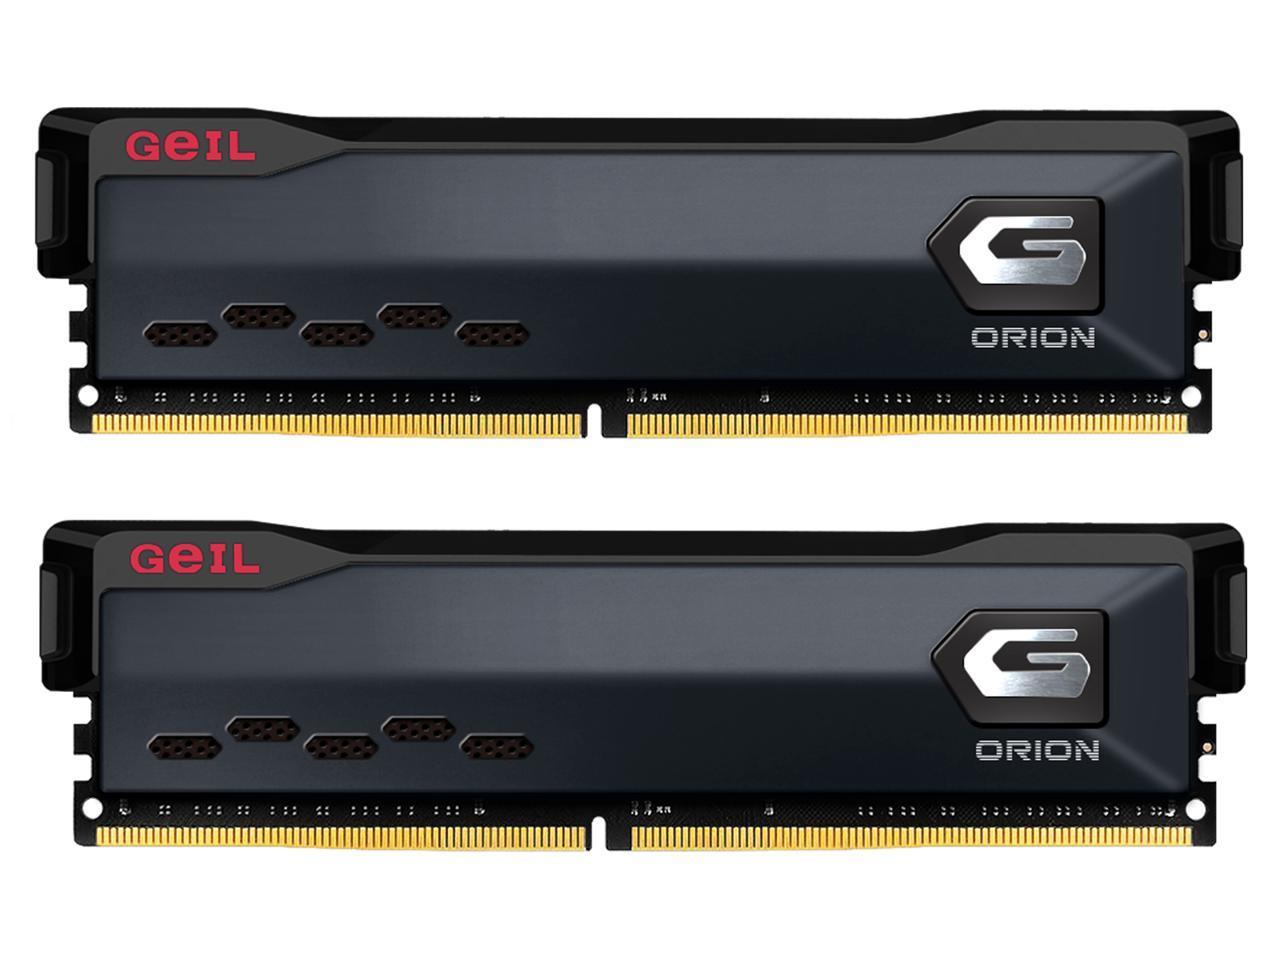 GeIL ORION AMD Edition 32GB (2x 16) DDR4 3000 Desktop RAM @Newegg $88